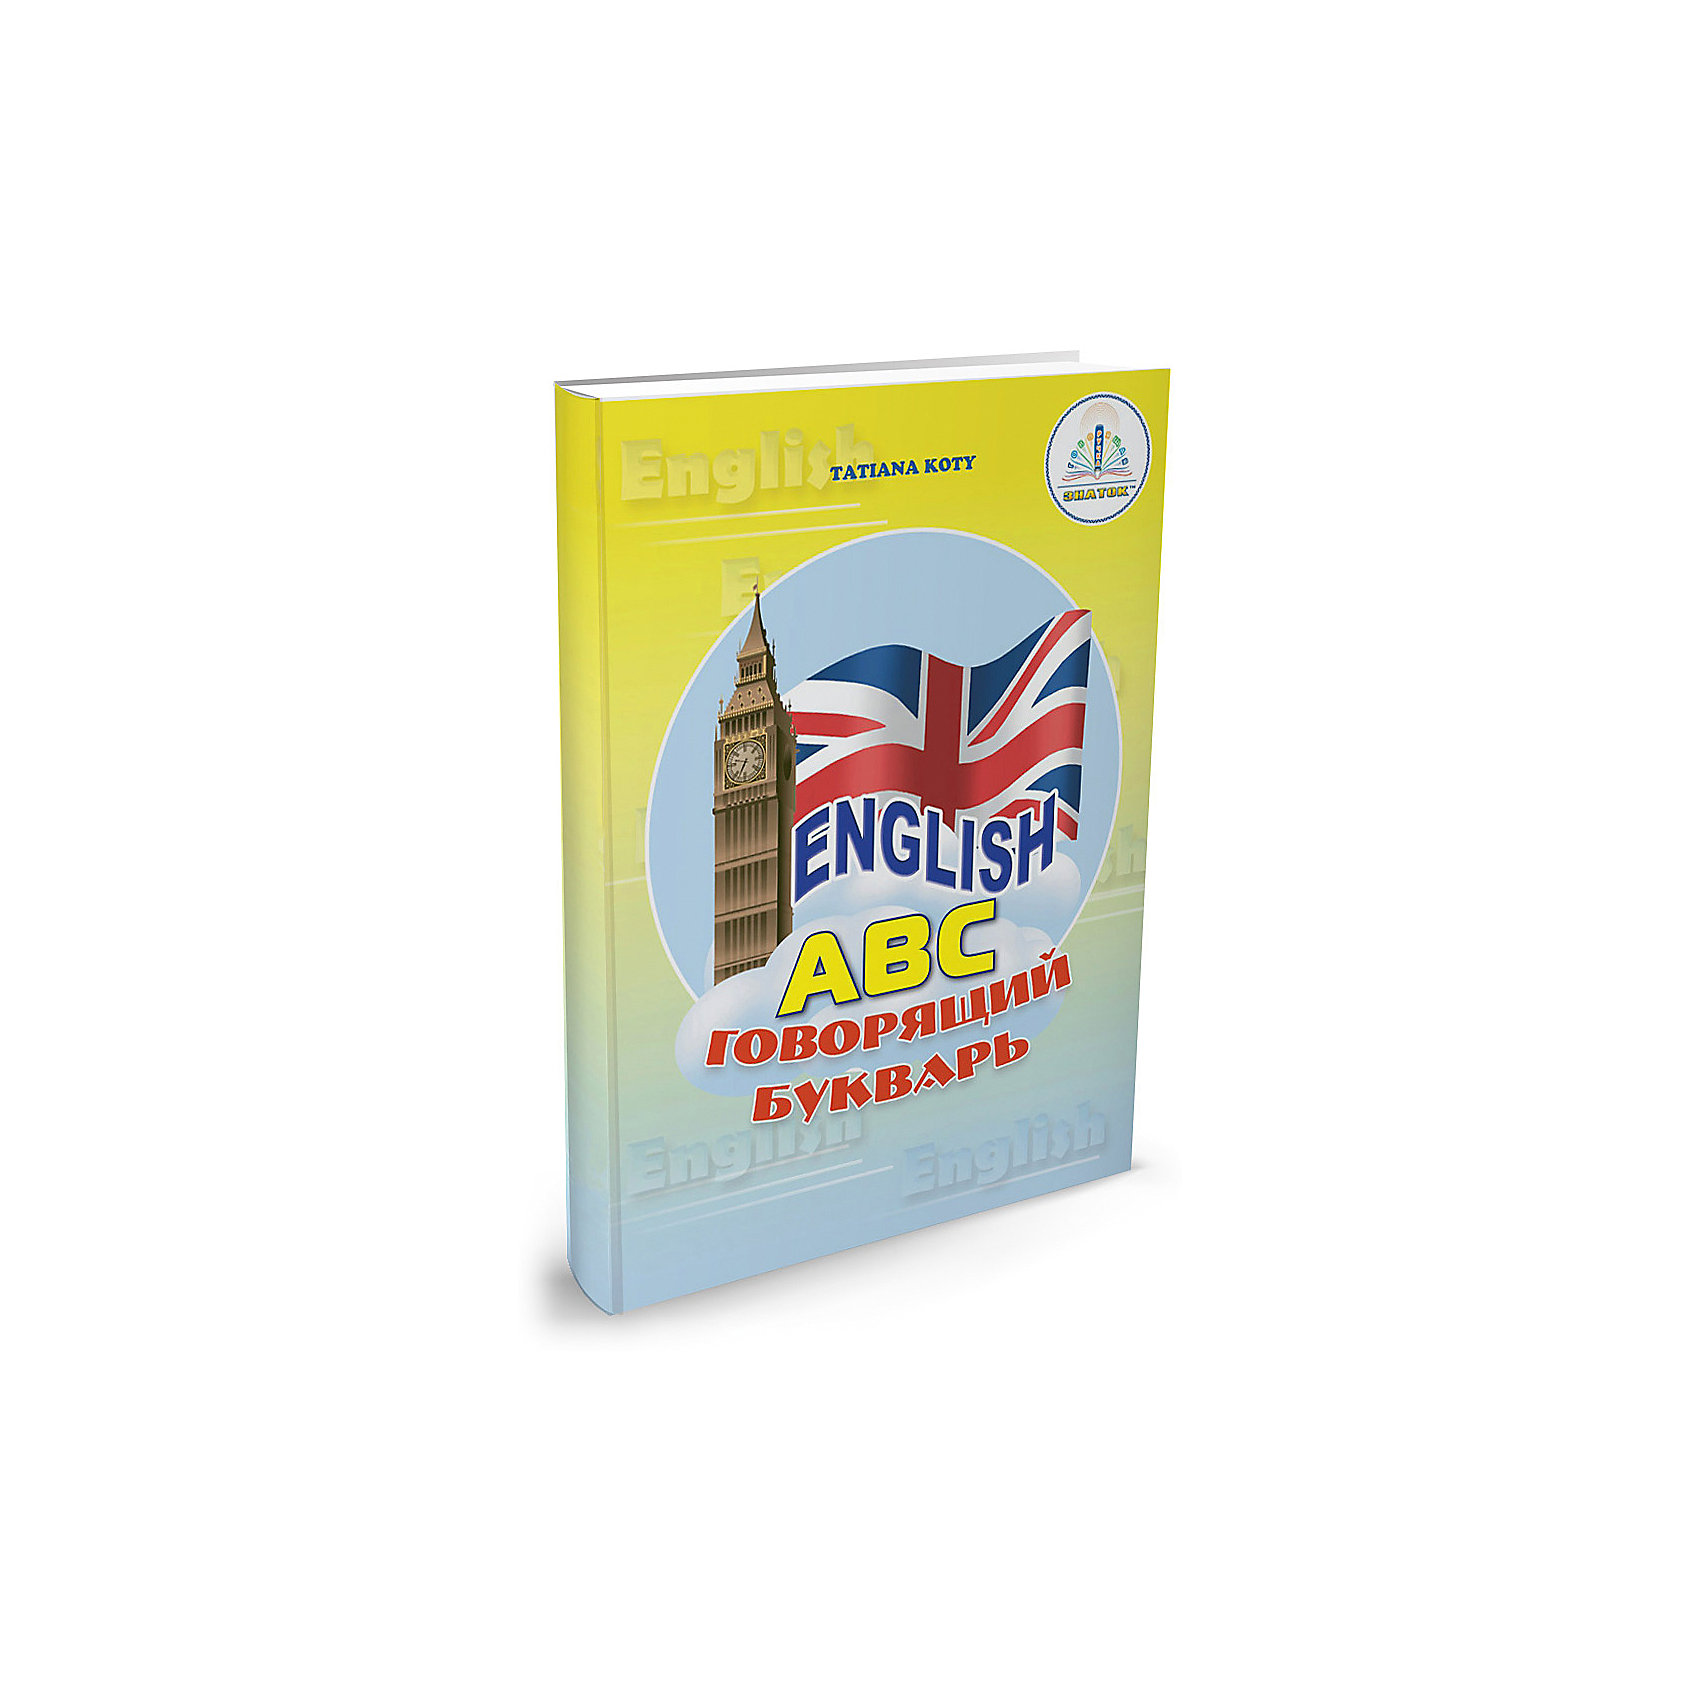 Книга English говорящий букварь+ рабочая тетрадь, ЗнатокОбучающие книги<br>Набор для изучения английского языка. Звуковая книга с рабочей тетрадью в комплекте .В книге Говорящий букварь изложена методика обучения маленьких детей английскому языку. Эта книга поможет родителям познакомить детей с буквами и звуками английского алфавита. В книге, кроме самих букв и звуков, рассматривается небольшой объём информации, нужной для закрепления начальных знаний английского языка.<br><br>Ширина мм: 190<br>Глубина мм: 260<br>Высота мм: 80<br>Вес г: 395<br>Возраст от месяцев: 36<br>Возраст до месяцев: 2147483647<br>Пол: Унисекс<br>Возраст: Детский<br>SKU: 5596028